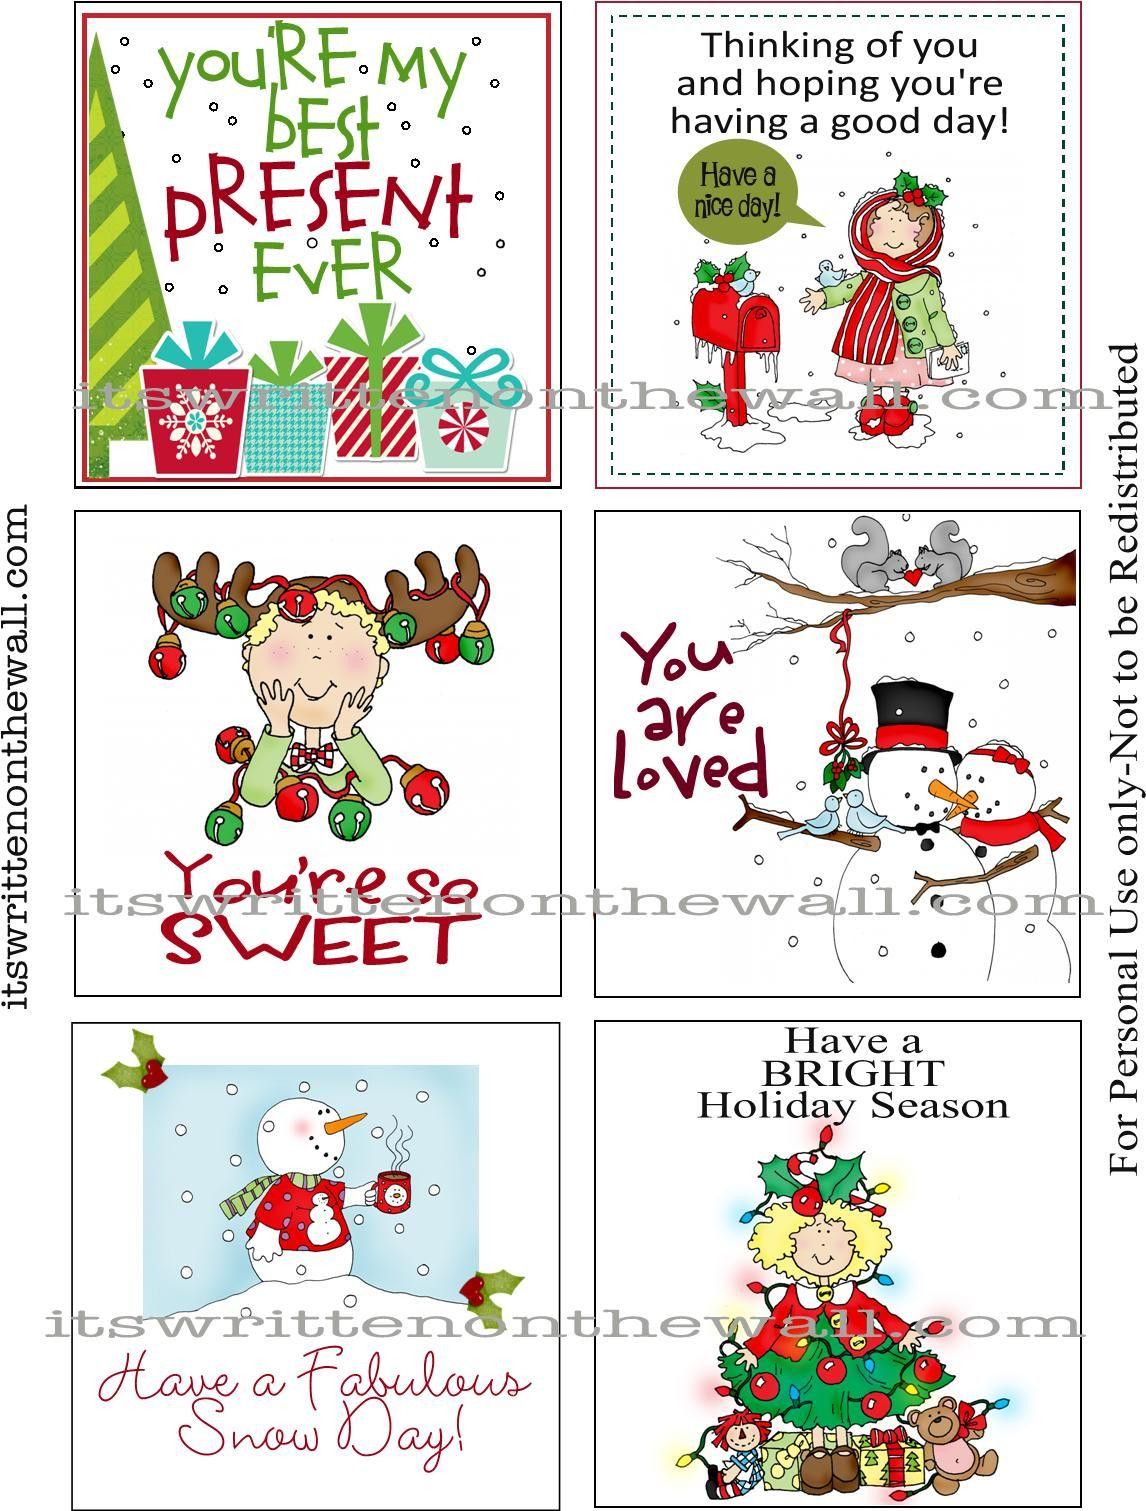 The Polka Dot Posie: Printable Christmas Lunch Box Notes |Christmas Lunch Box Notes